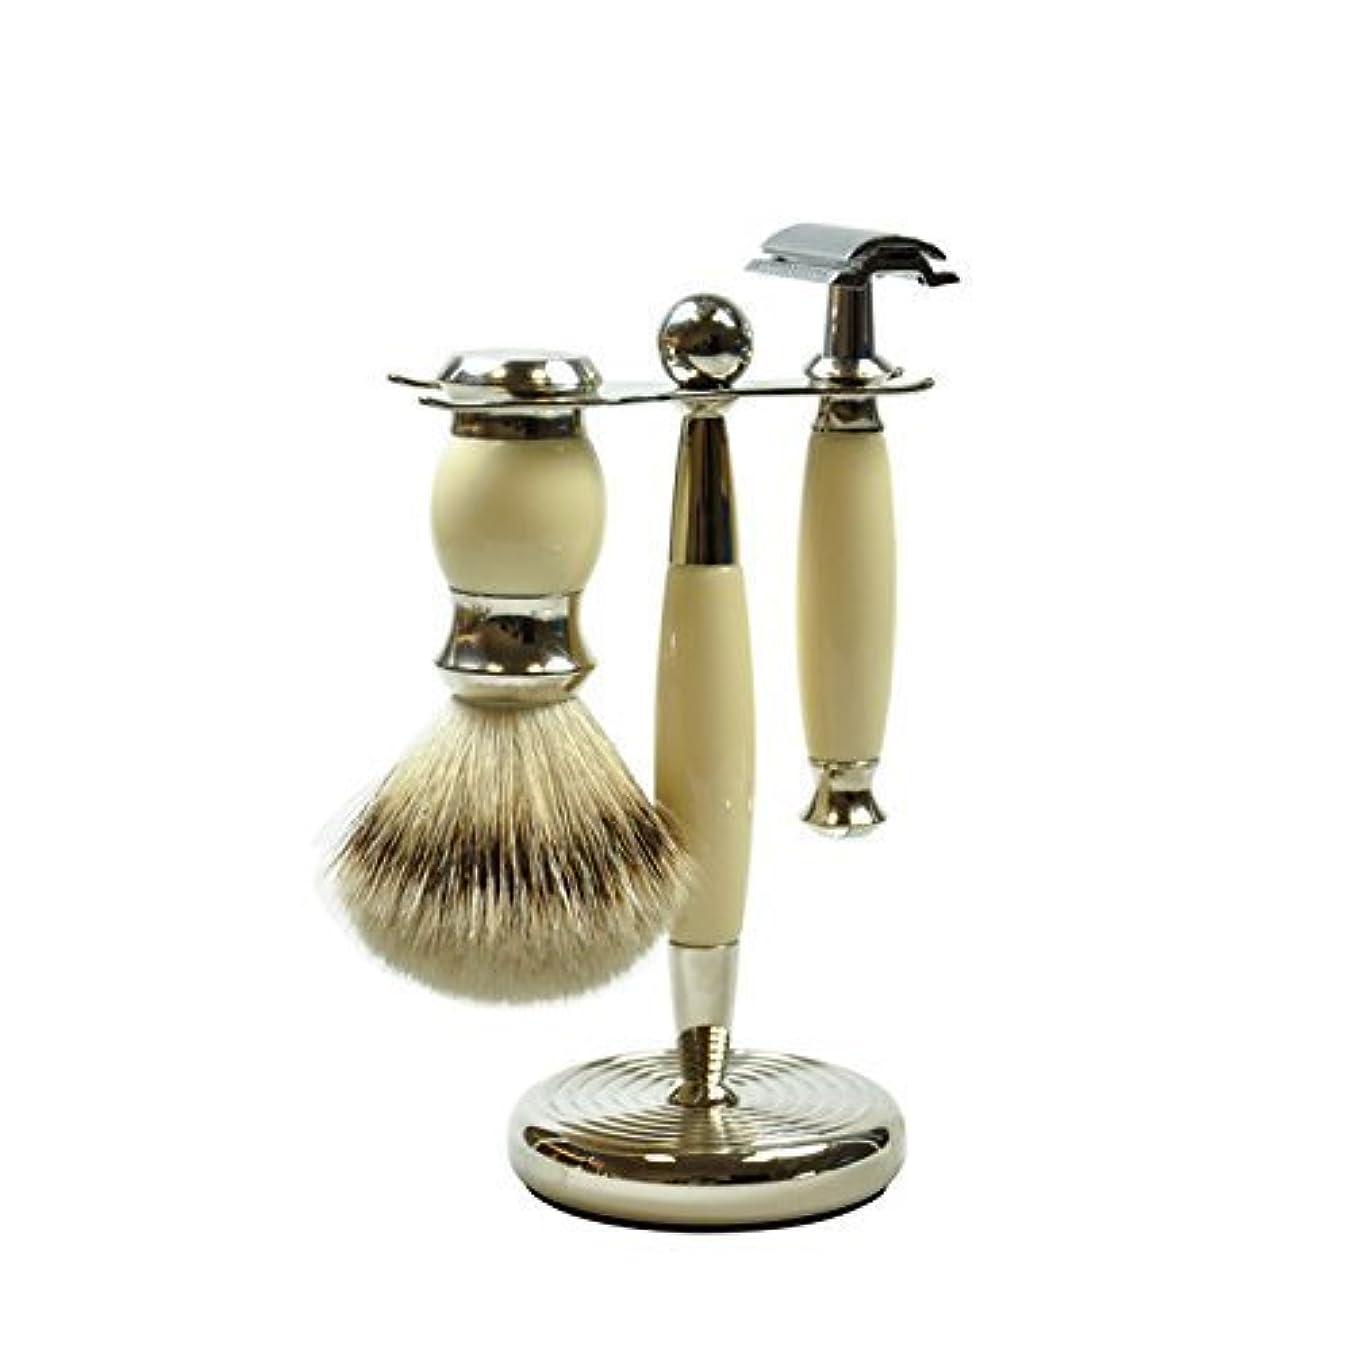 粗いセクタ格納GOLDDACHS Shaving Set, Safety razor, silvertip badger hair, white/silver